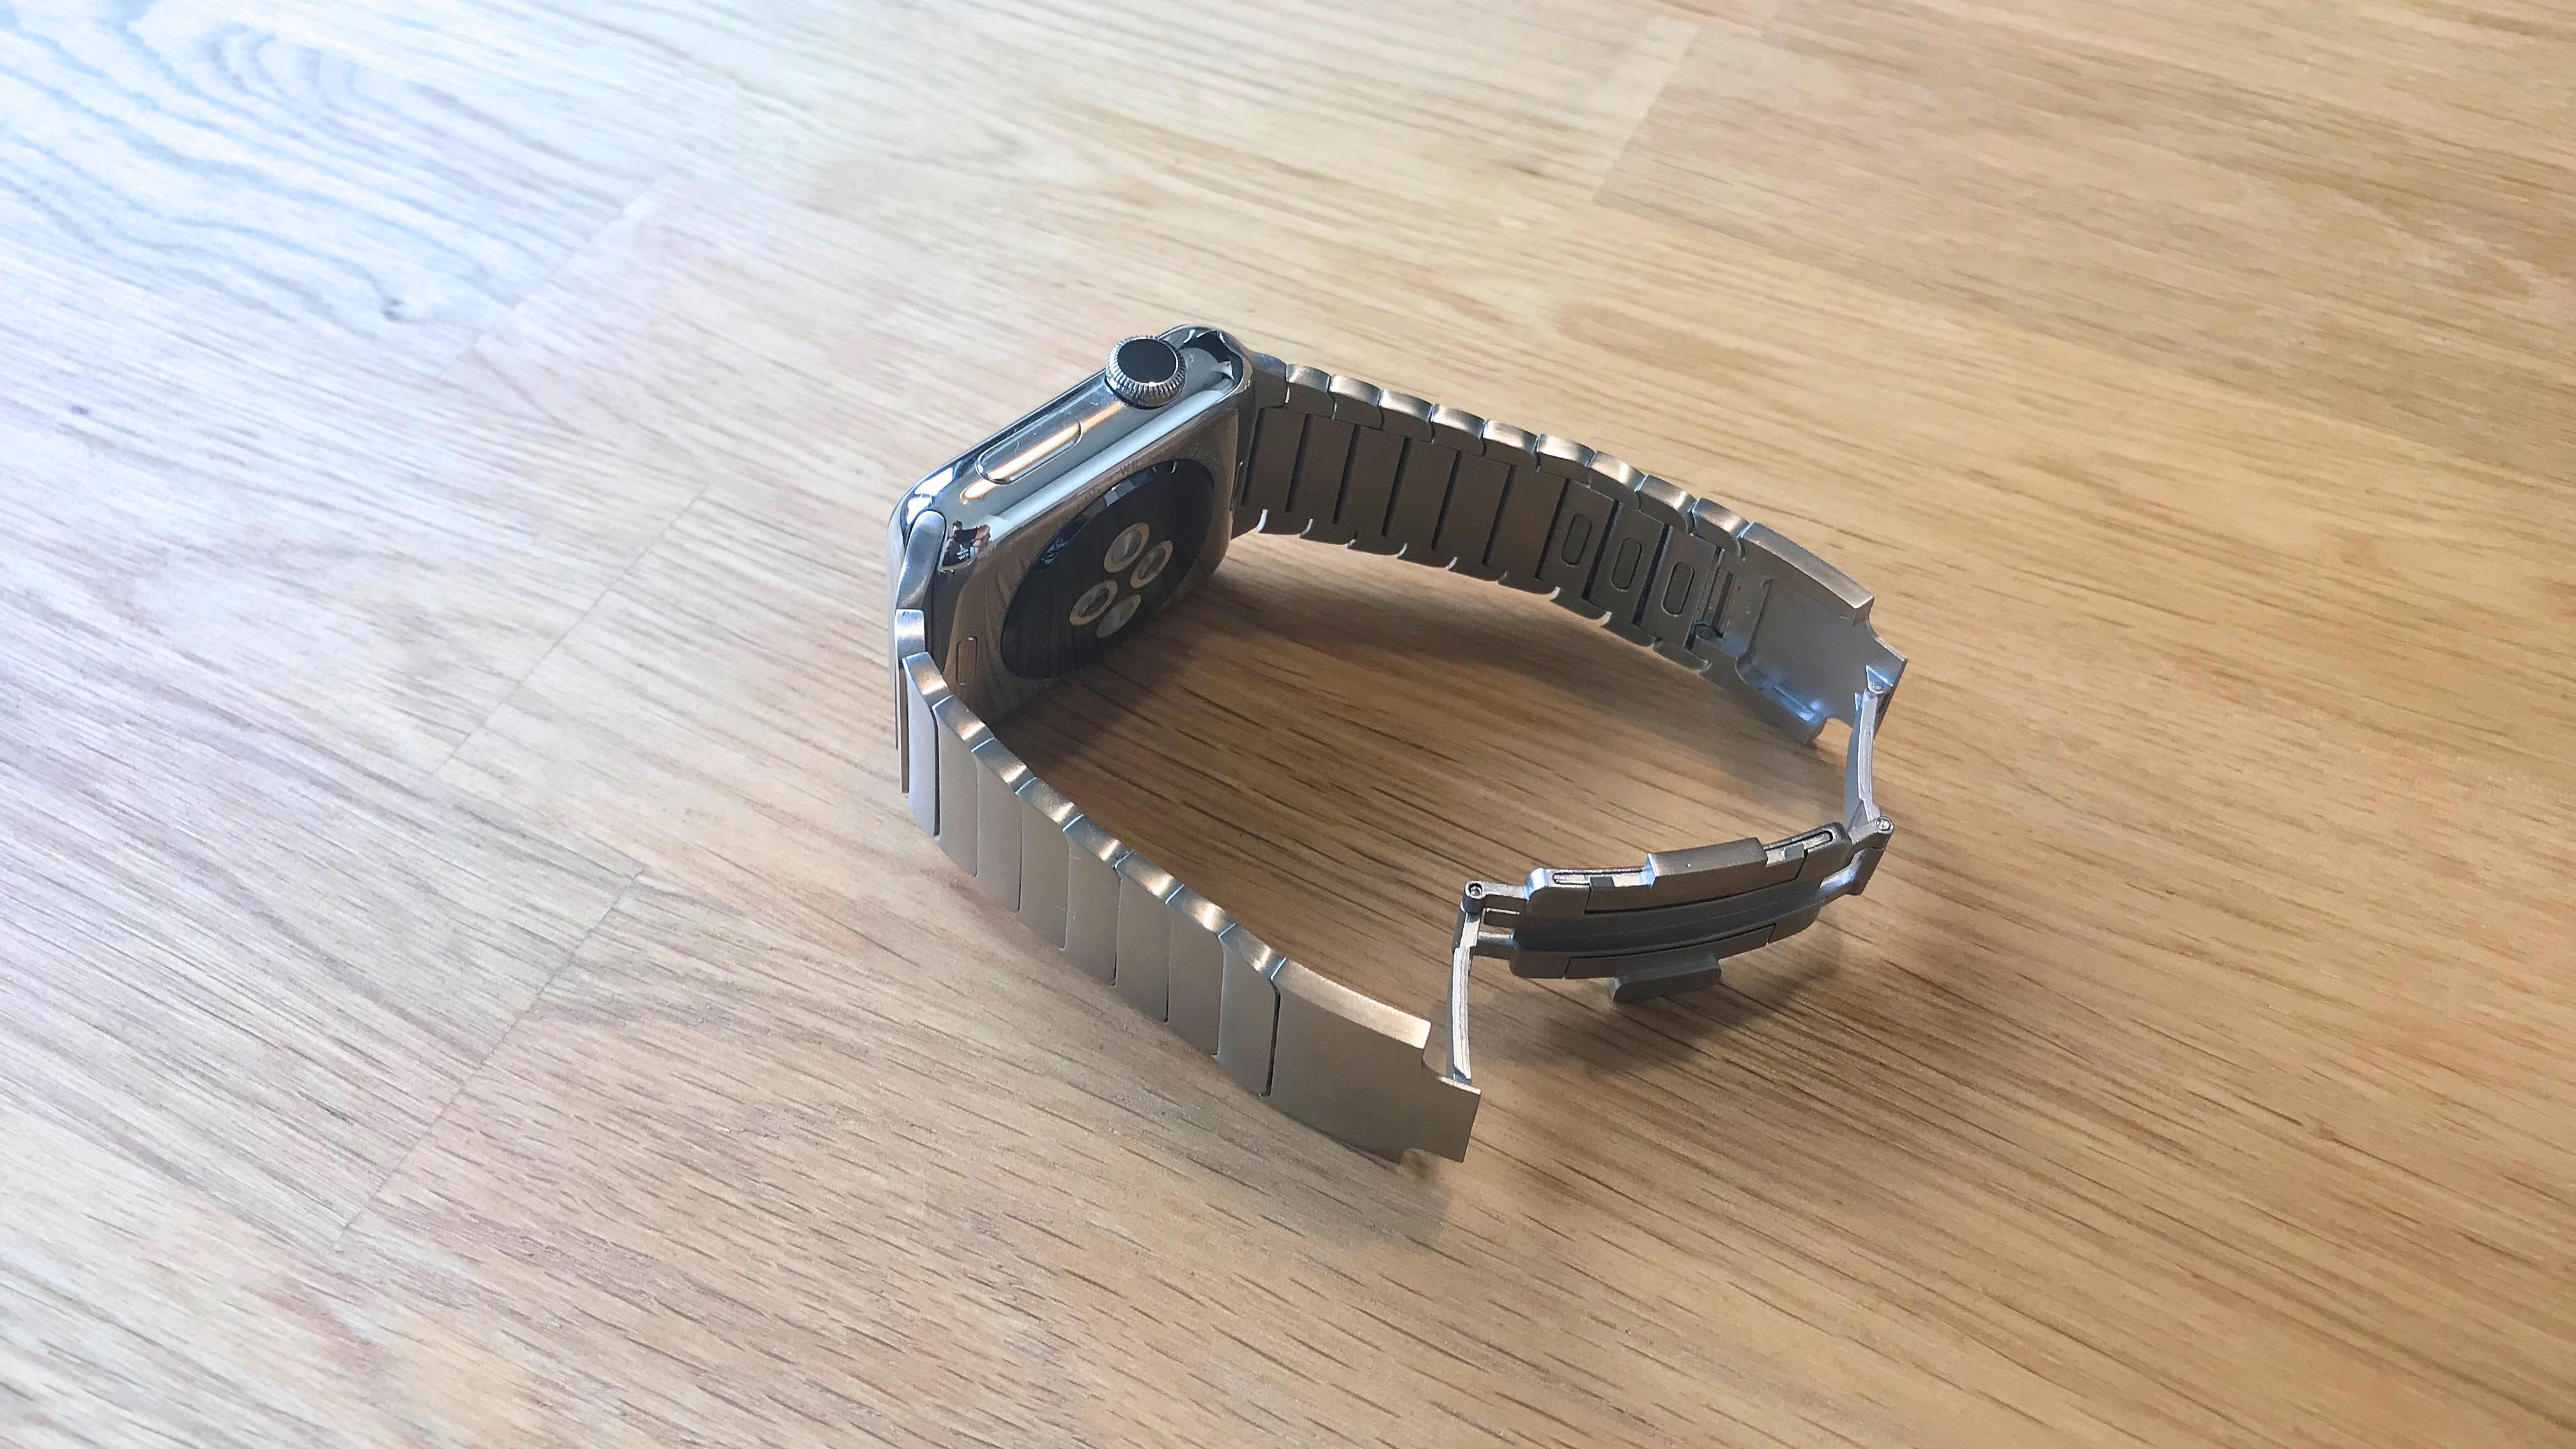 Bluestein_Edelstahl_Gliederarmband_Apple_Watch-Review2 Gliederarmband für die Apple Watch von Bluestein - die edelste Armbandvariante für 149€ statt 509€